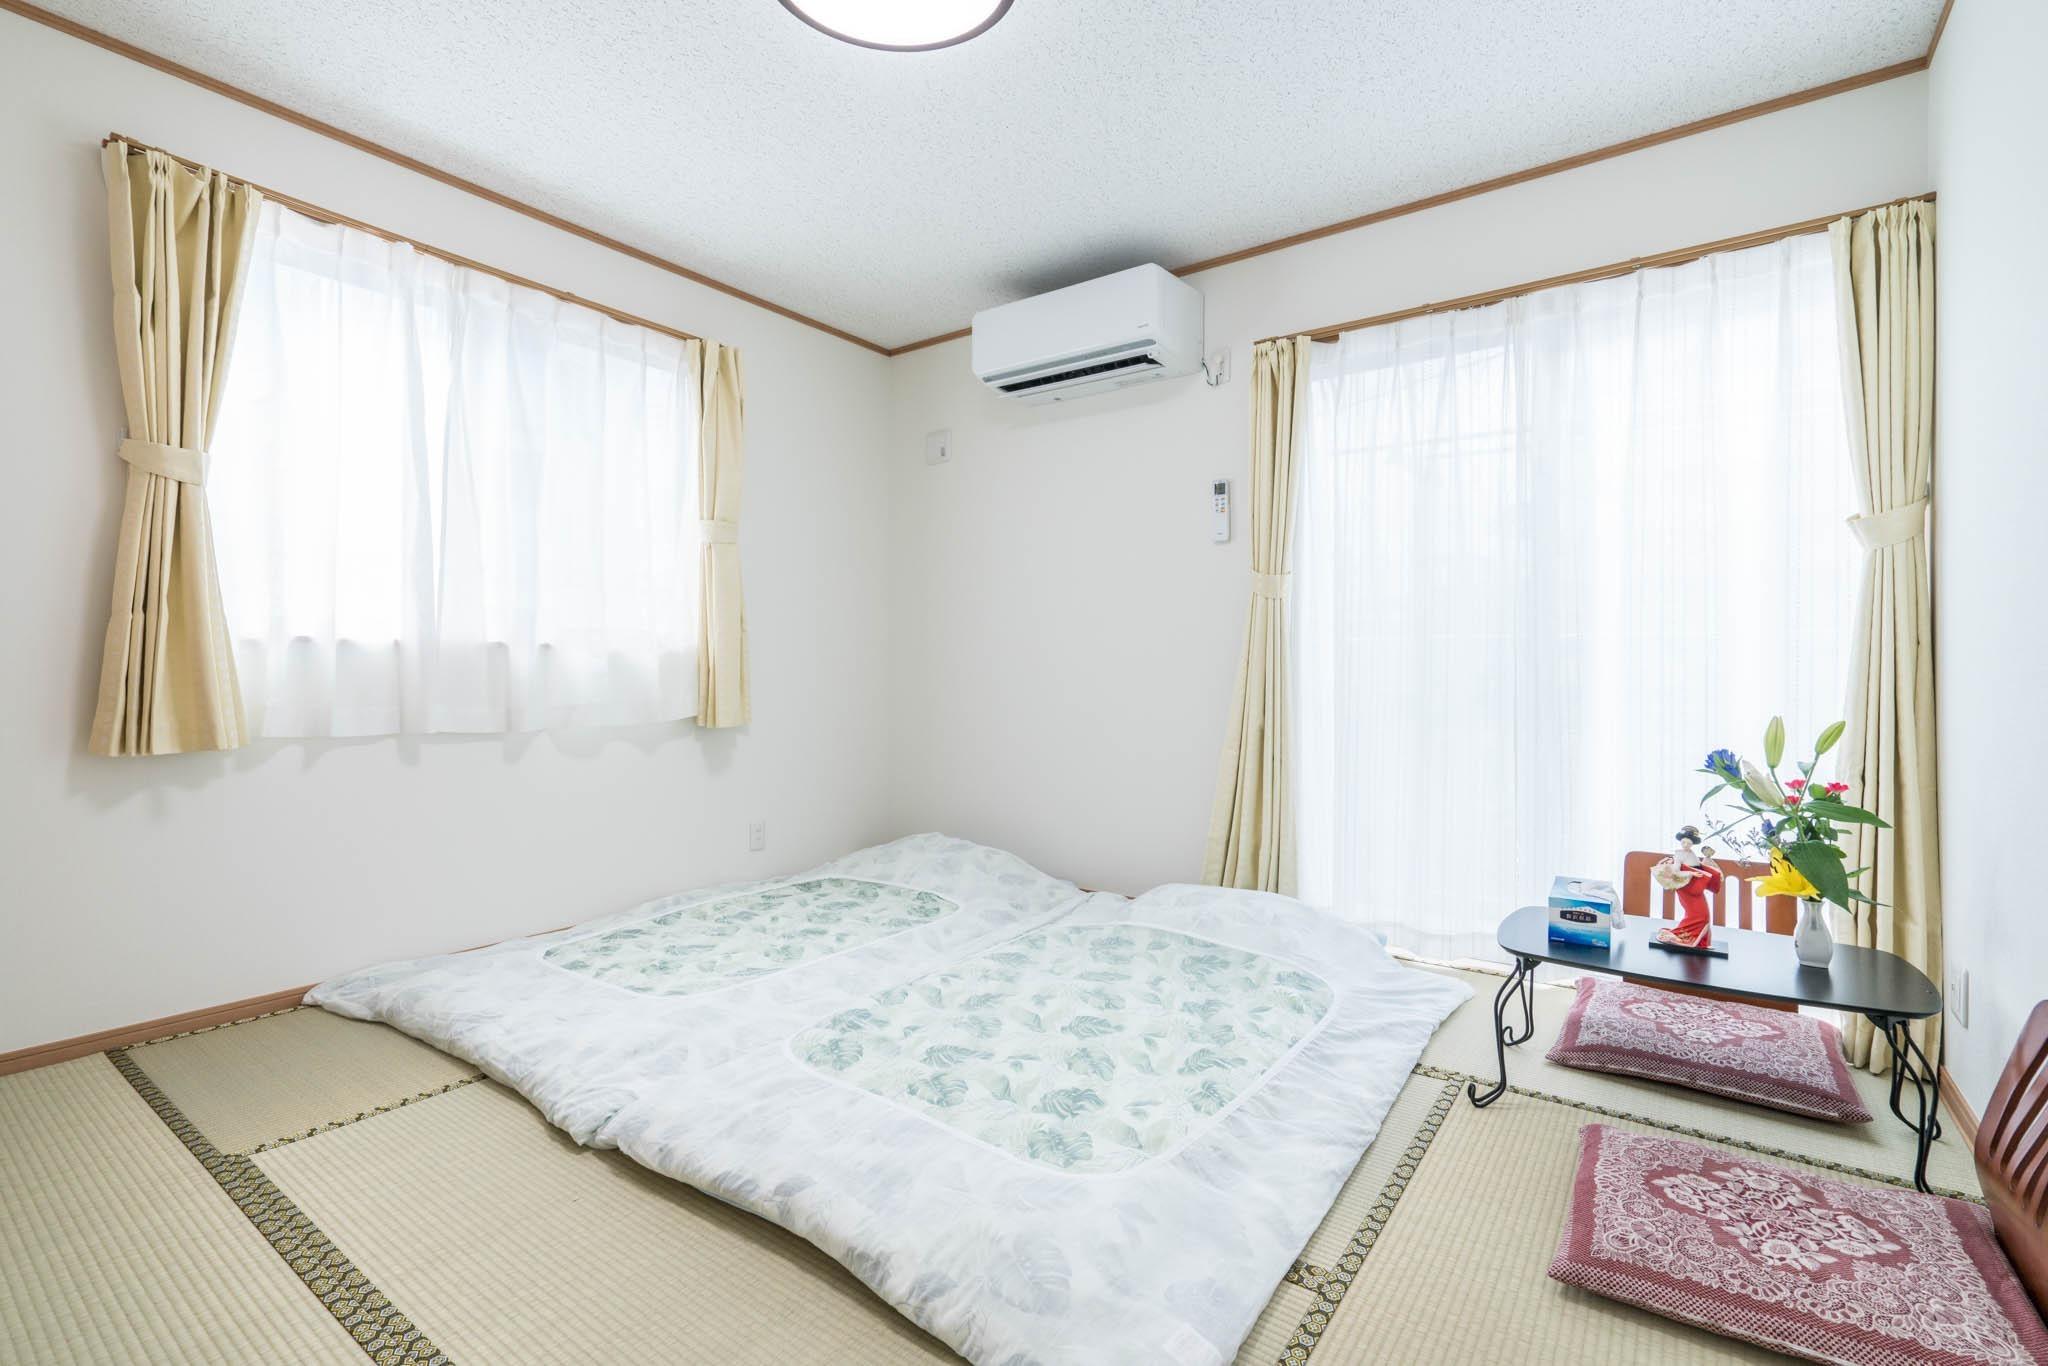 202号室畳部屋/新築高級住宅/JR線徒歩2分/無料高速Wi-Fi/池袋17分新宿27分